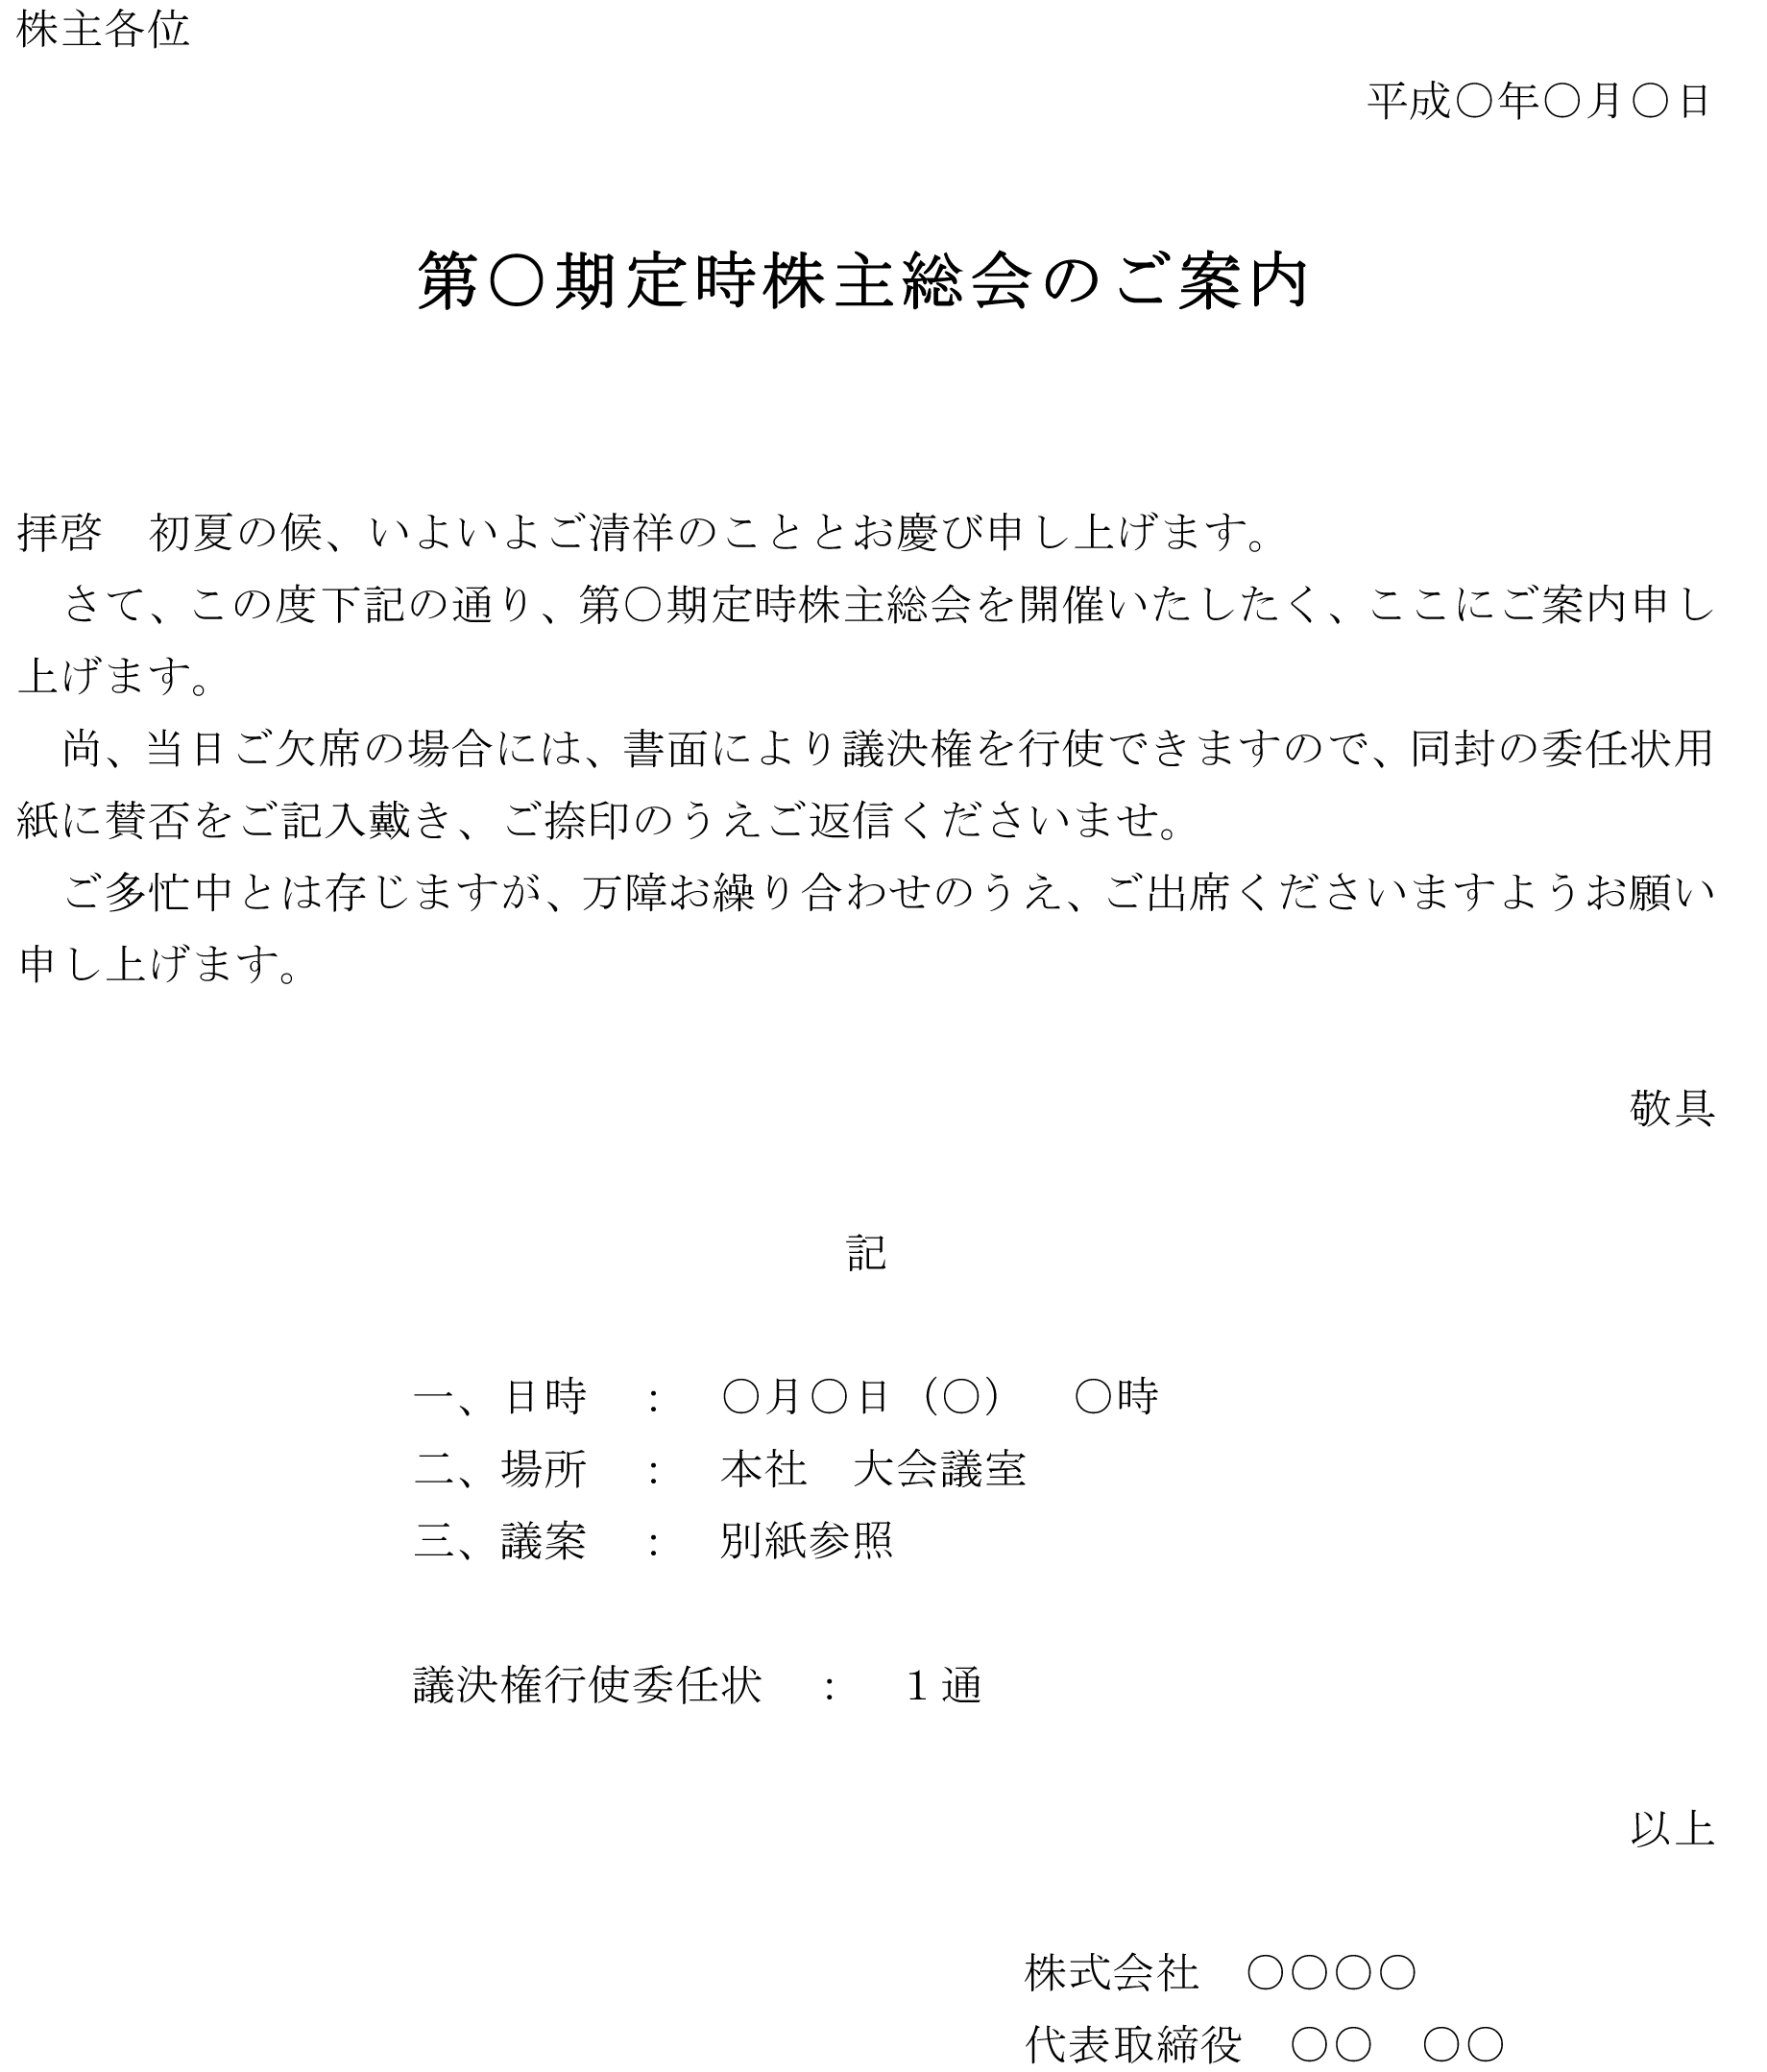 案内状(定時株主総会)